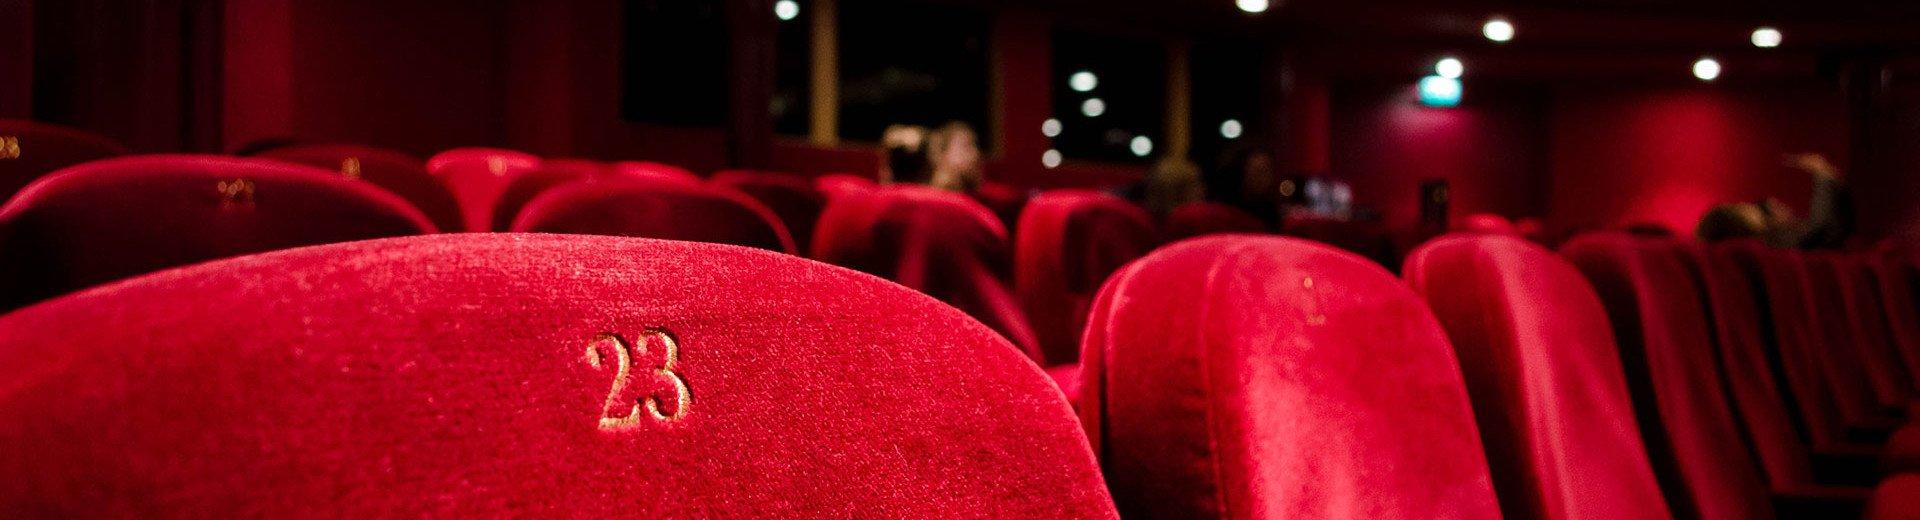 Okładka artykułu Dizajn w kinie — Subiektywne rozdanie nagród